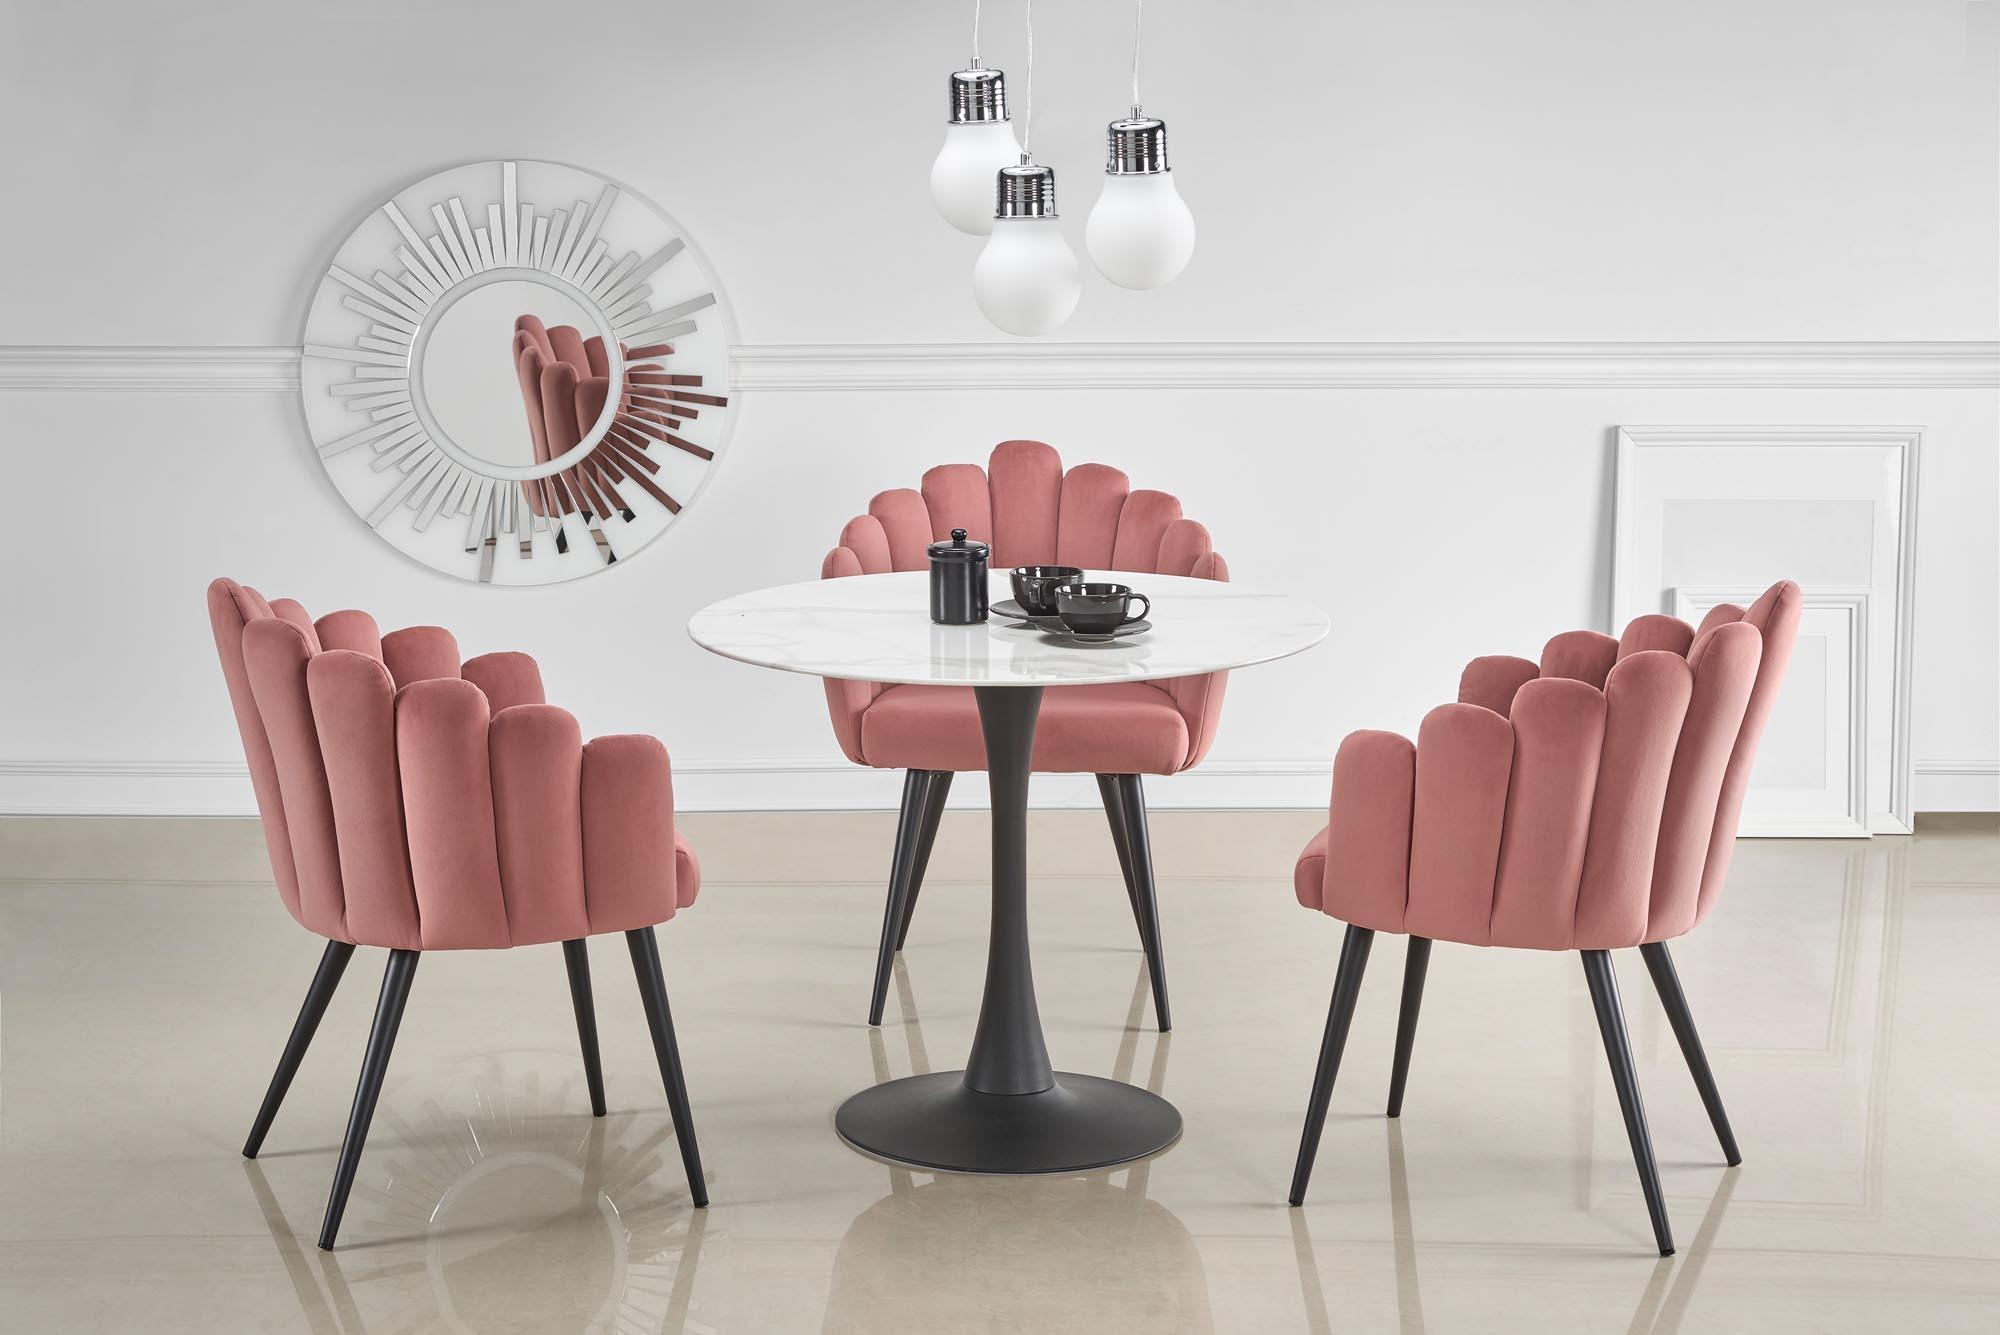 Set masa din sticla si metal Ambrosio Alb / Negru + 3 scaune tapitate cu stofa K410 Roz / Negru, Ø90xH72 cm imagine